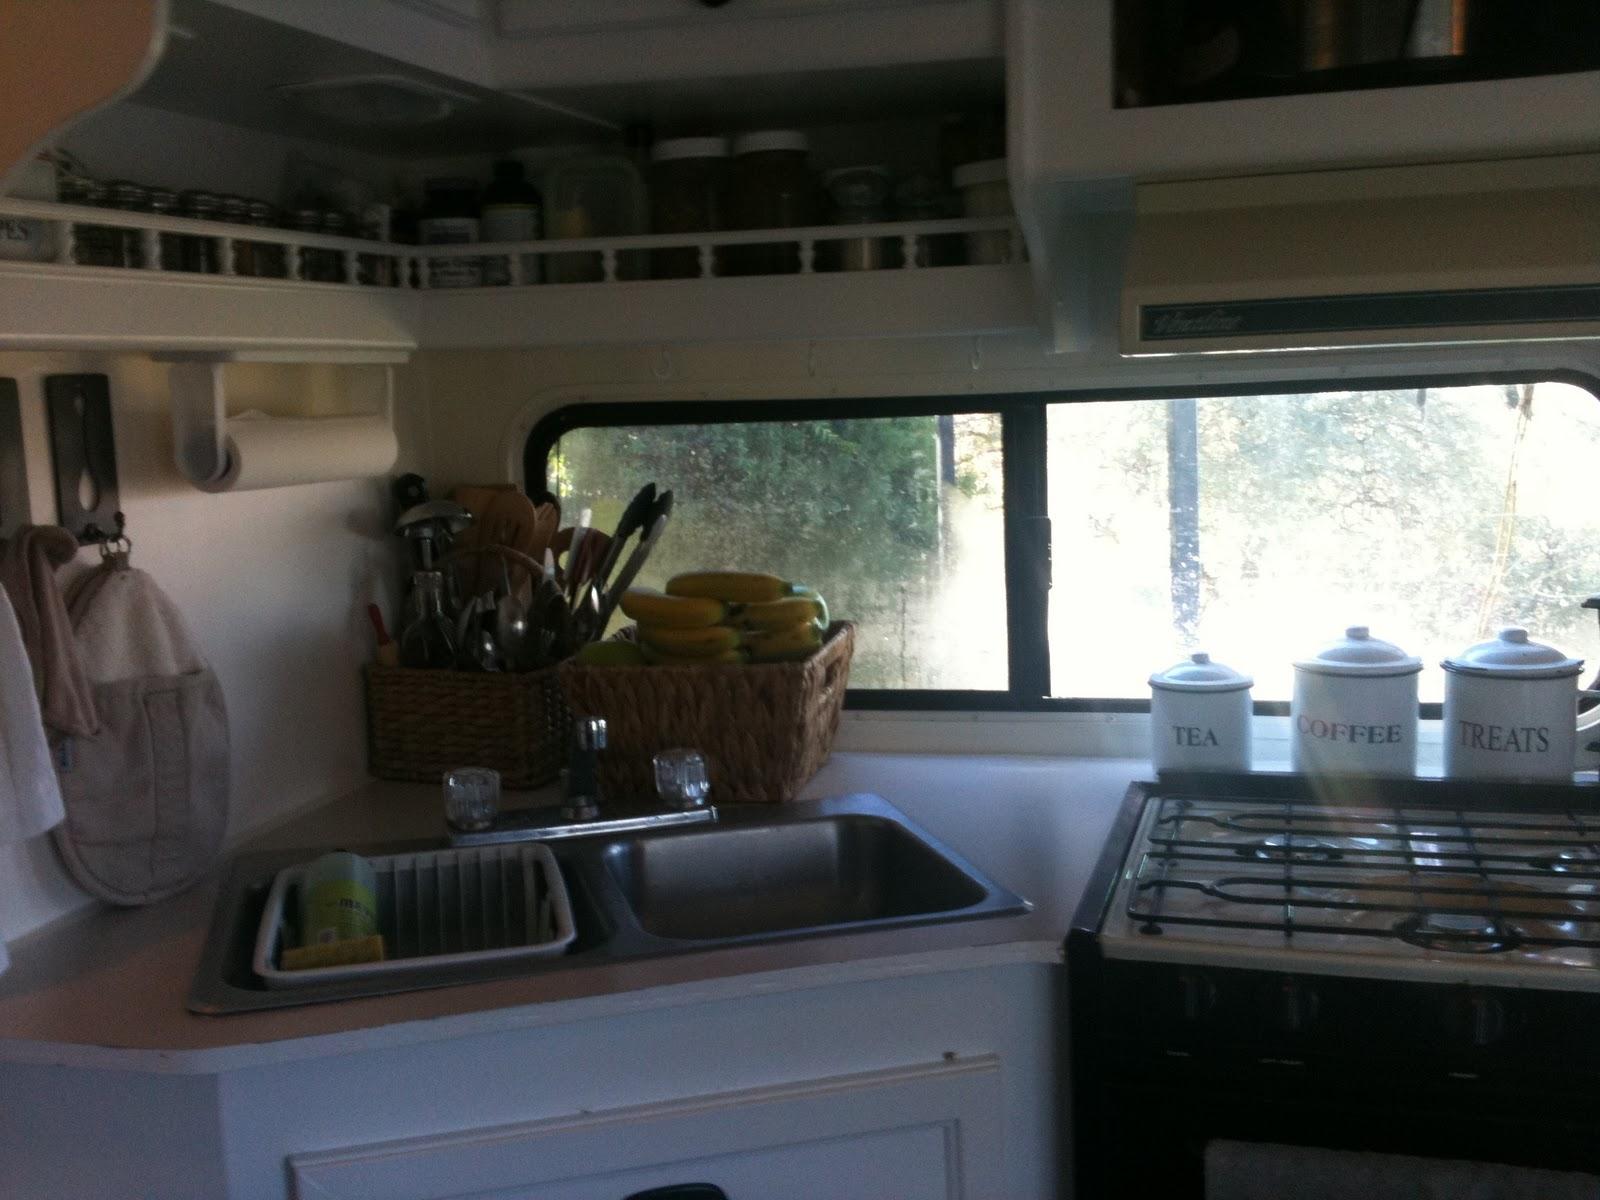 Camper Kitchen Sink Remodel